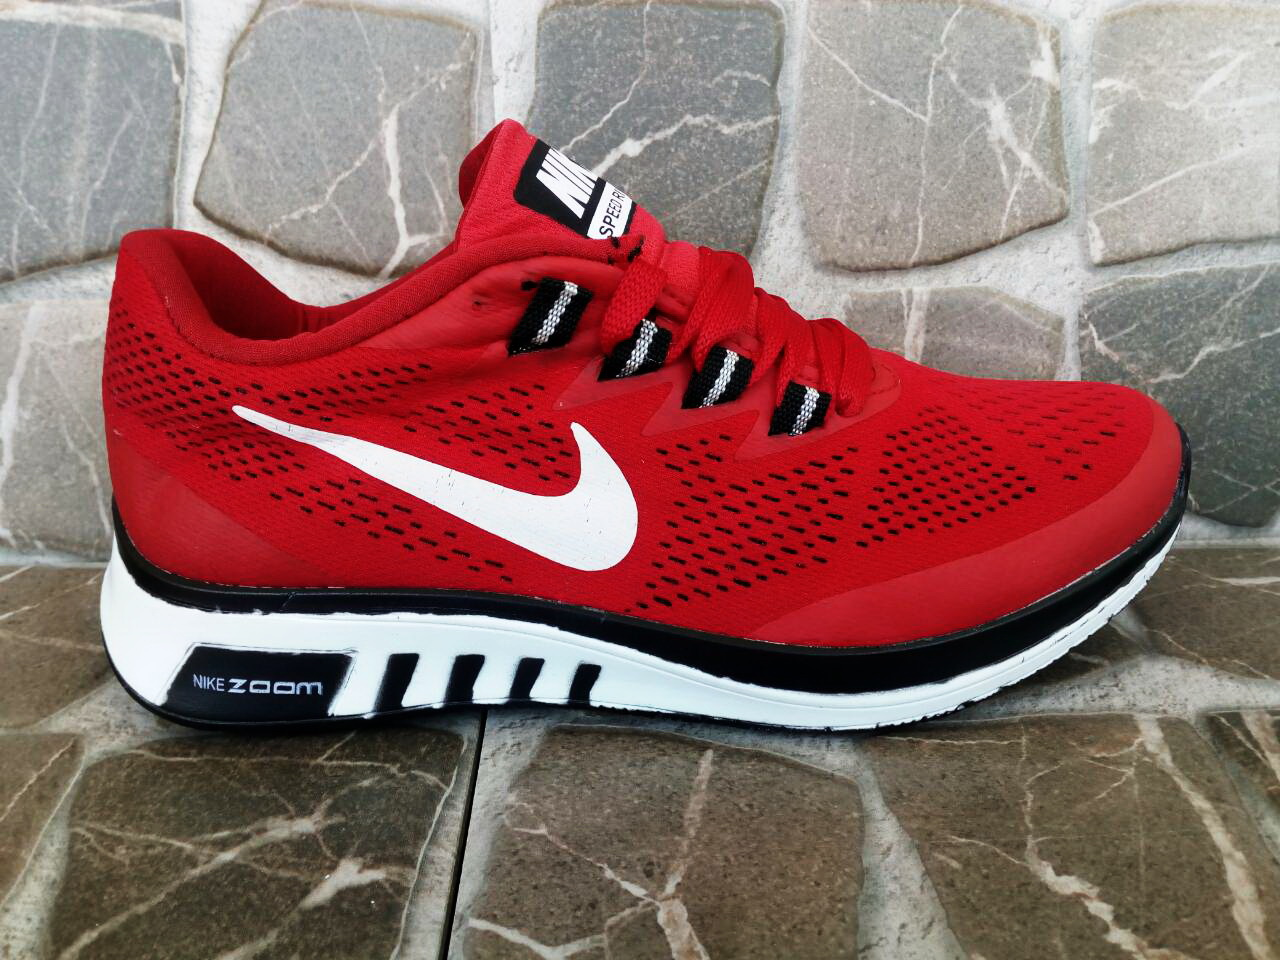 Маратонки Nike zoom Код 307